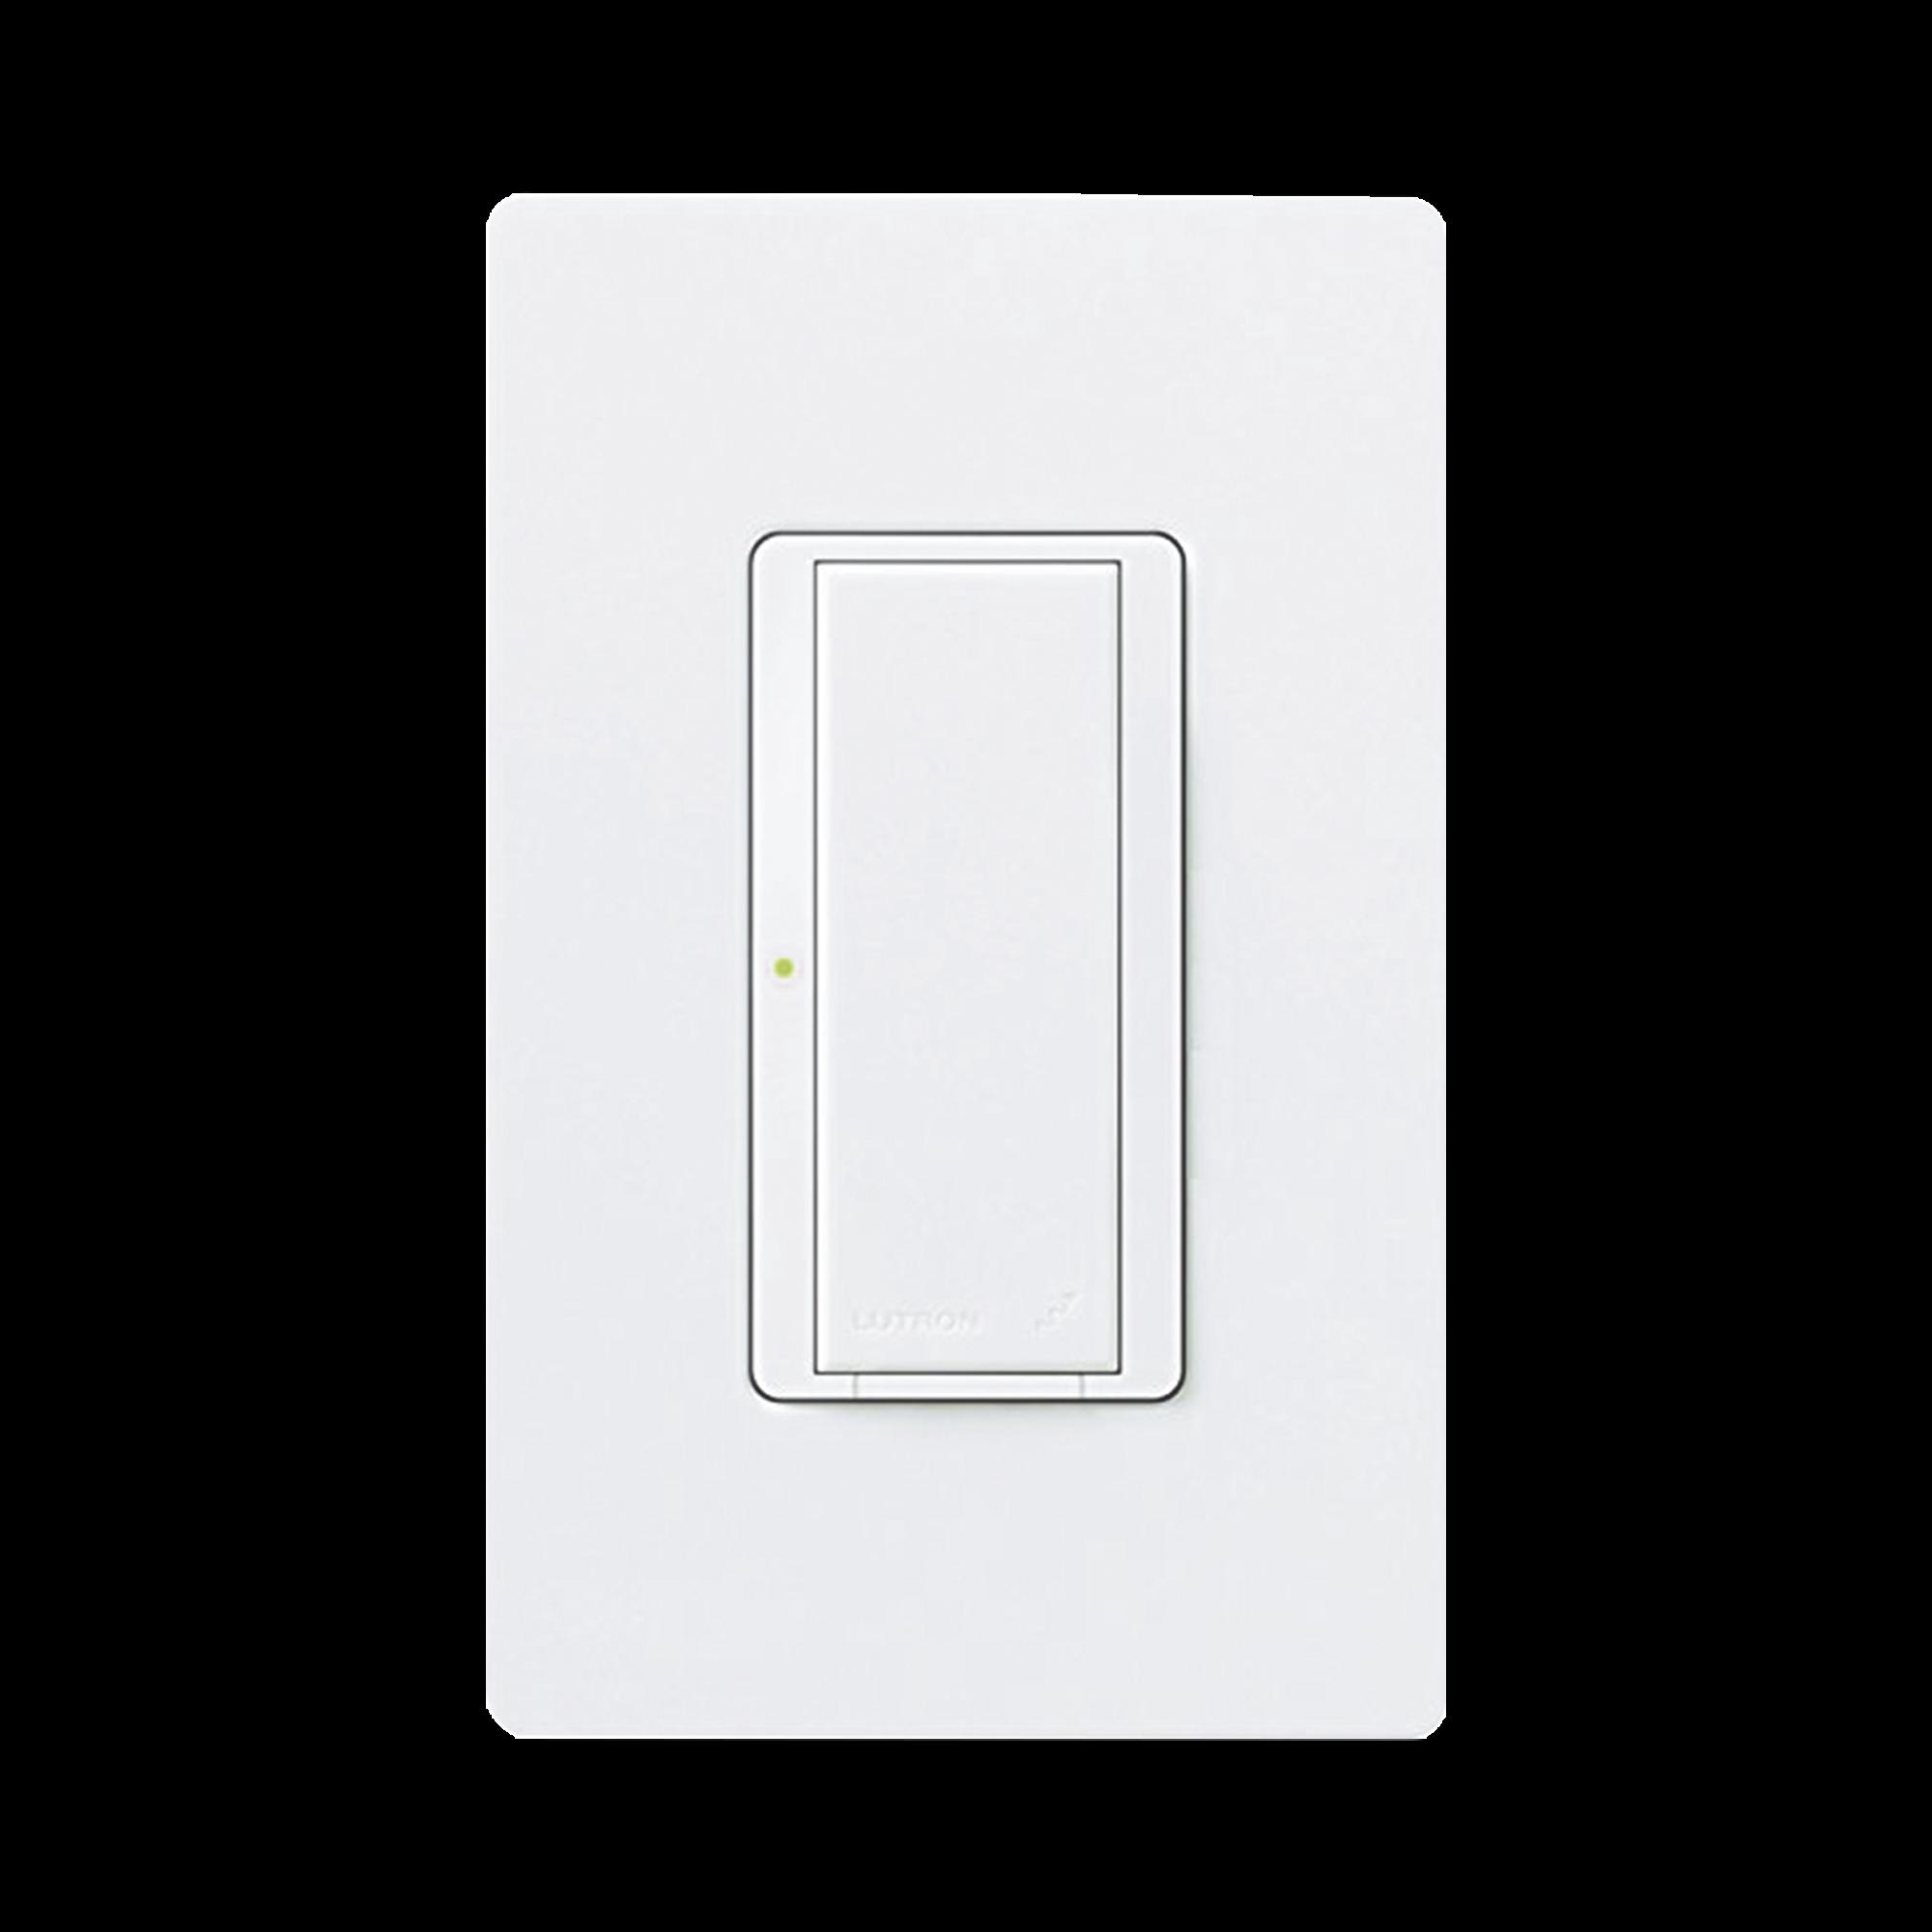 Switch on/off  RRD-8S-DV-WH de doble voltaje, un solo polo 12V/, 8A/, 1/10HP 3A en motores, apaga y enciende iluminación ó motor, NO requiere cable neutro.